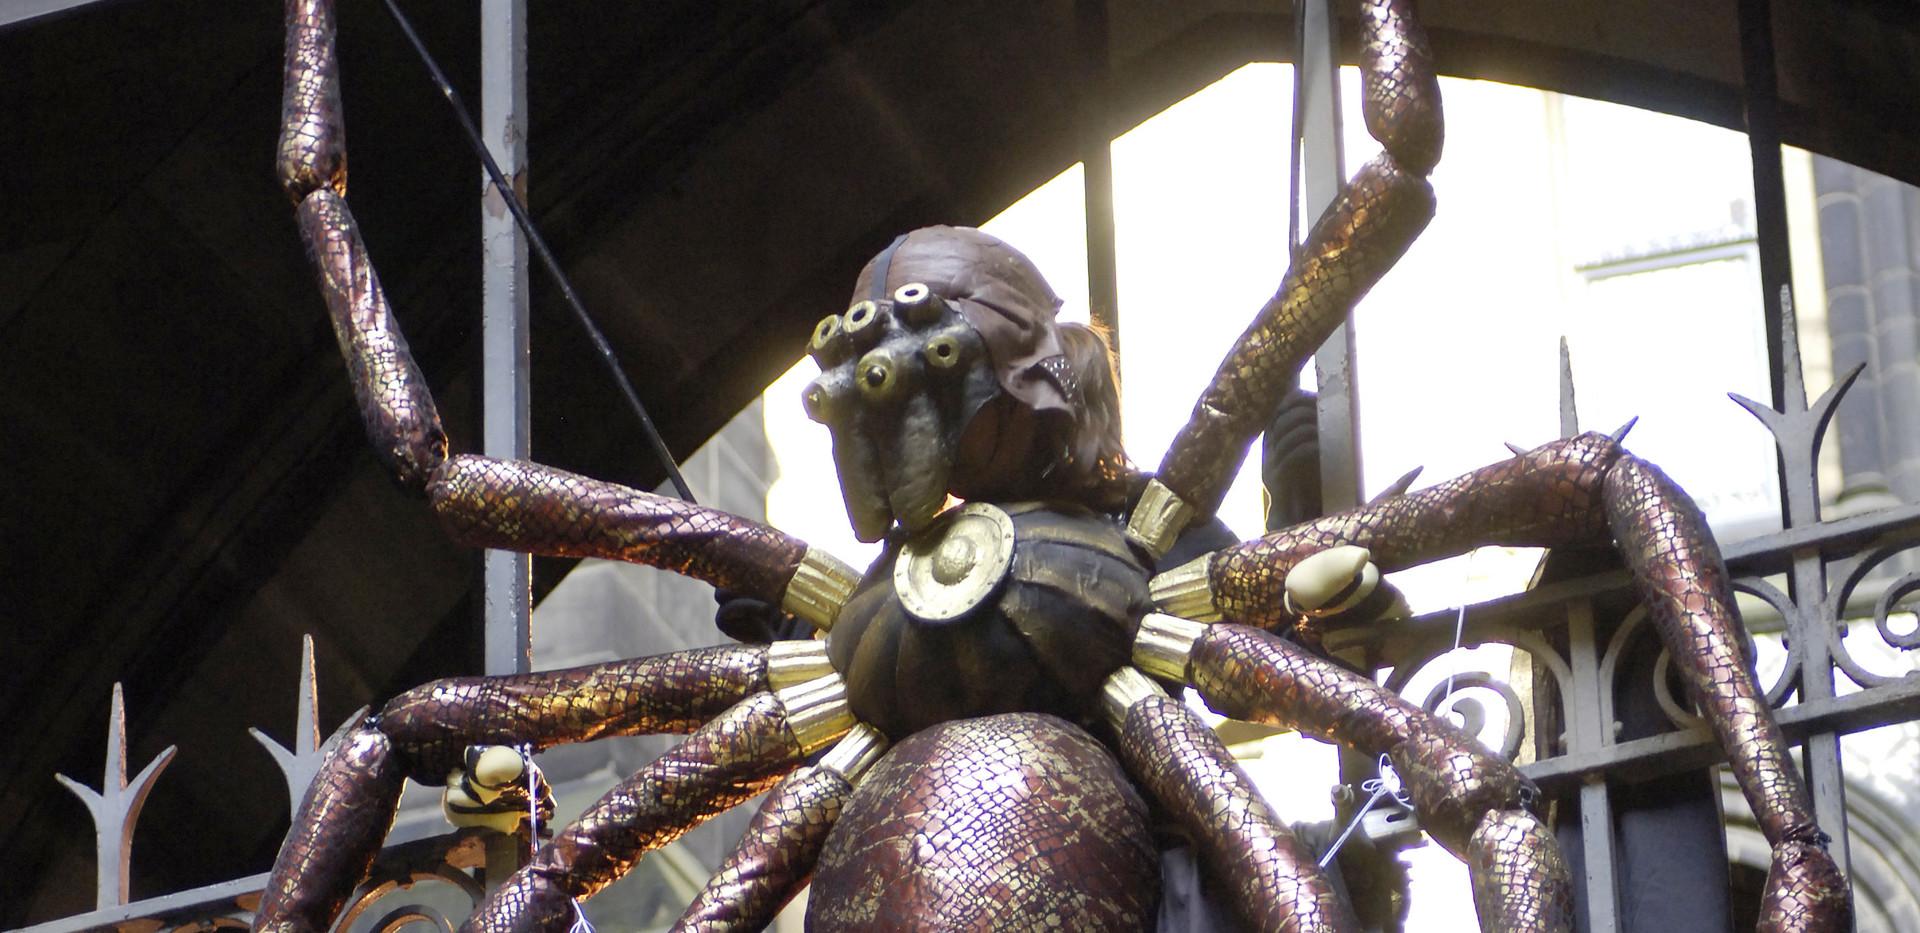 Spider Puppet